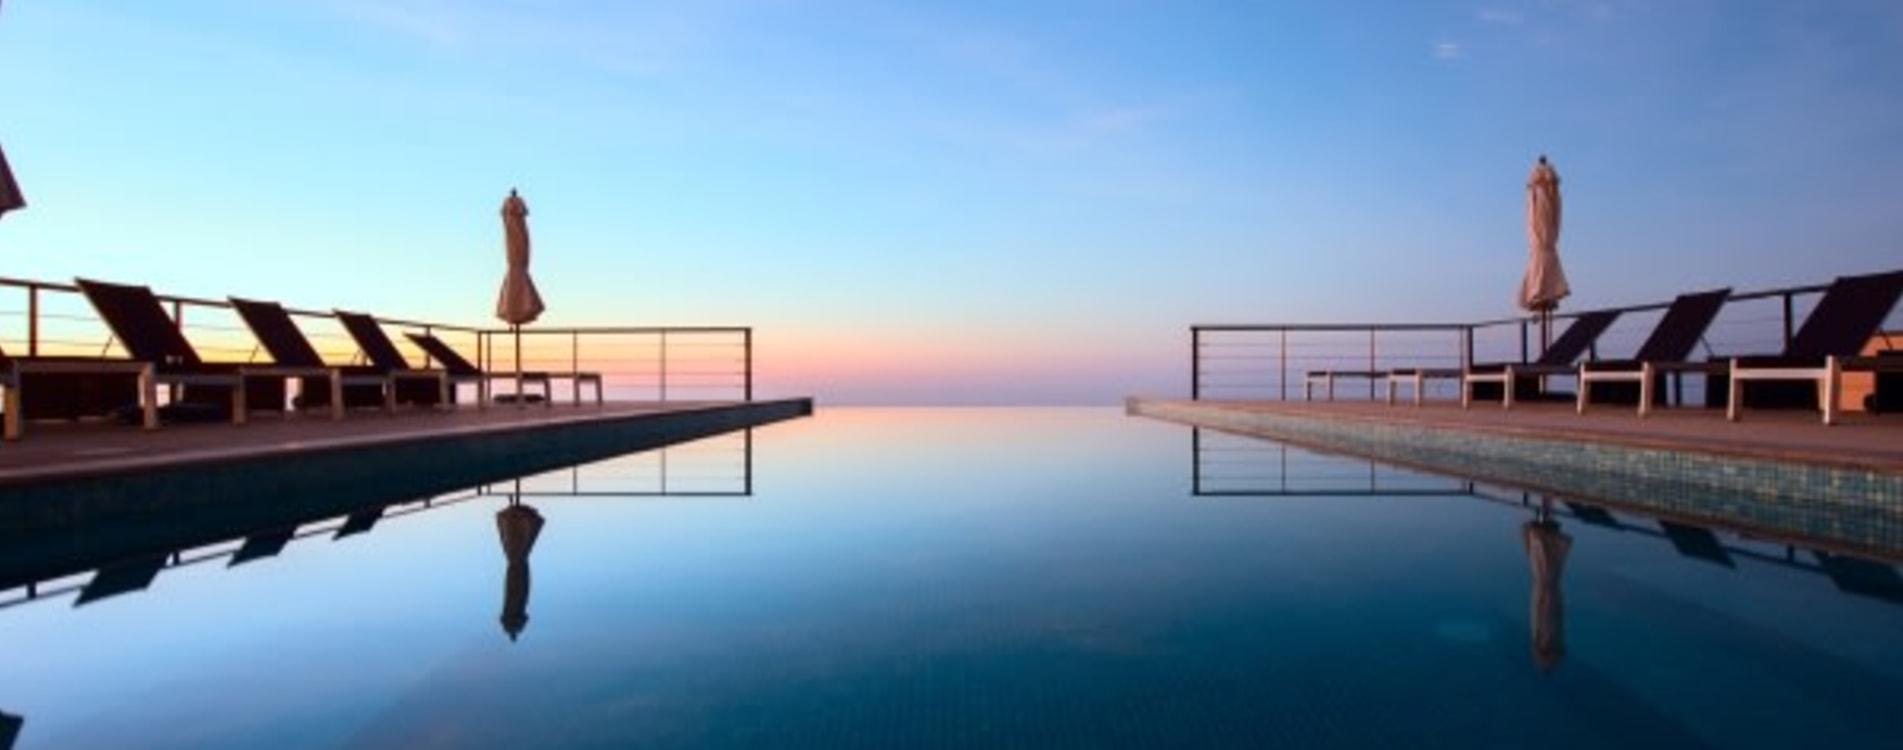 The-View-Oman-Infinity-Pool-Exterior-Sonnenliegen-Dämmerung.jpg